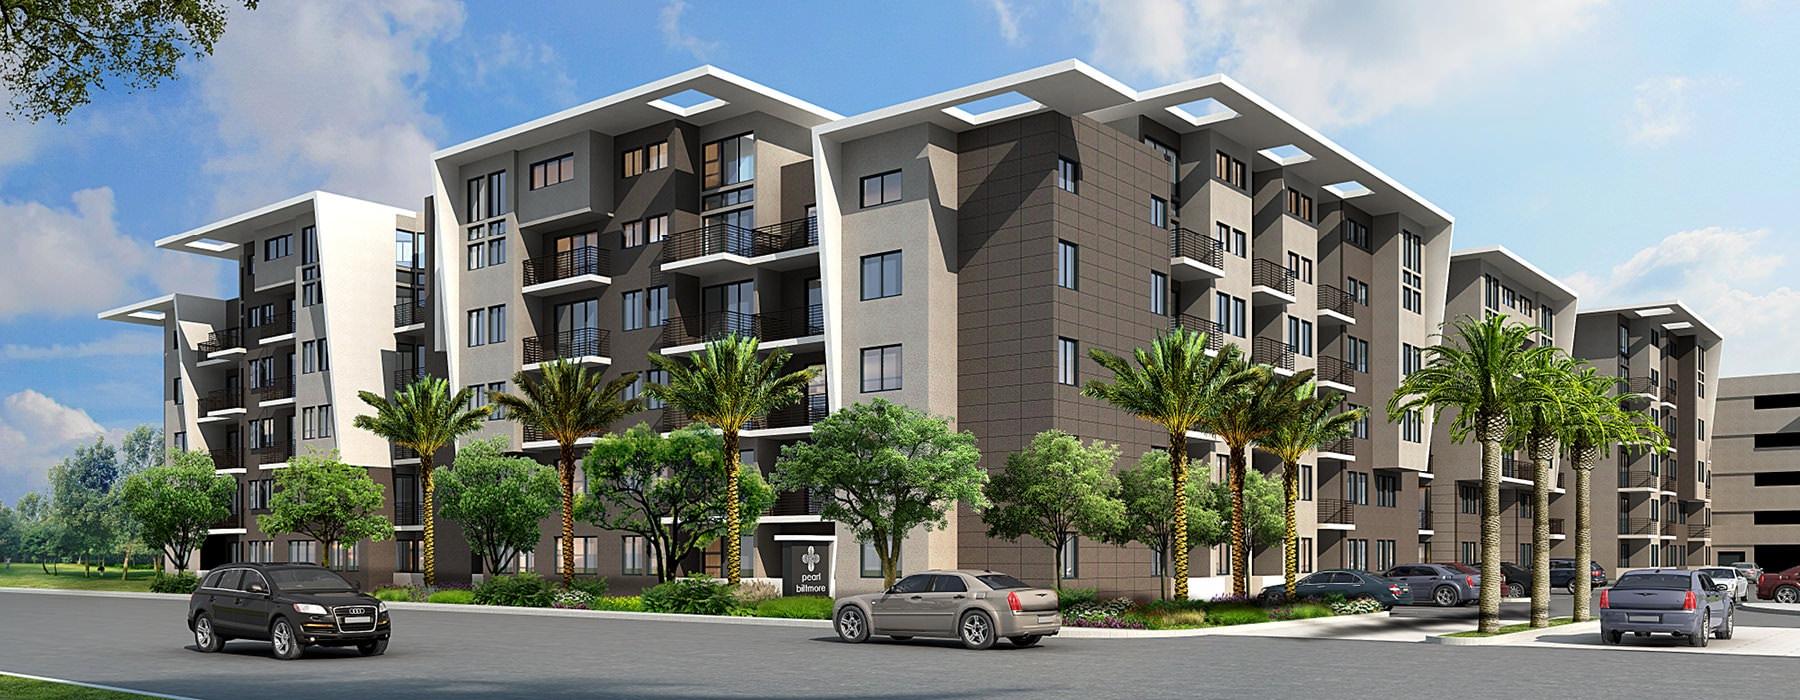 exterior rendering of Pearl Biltmore